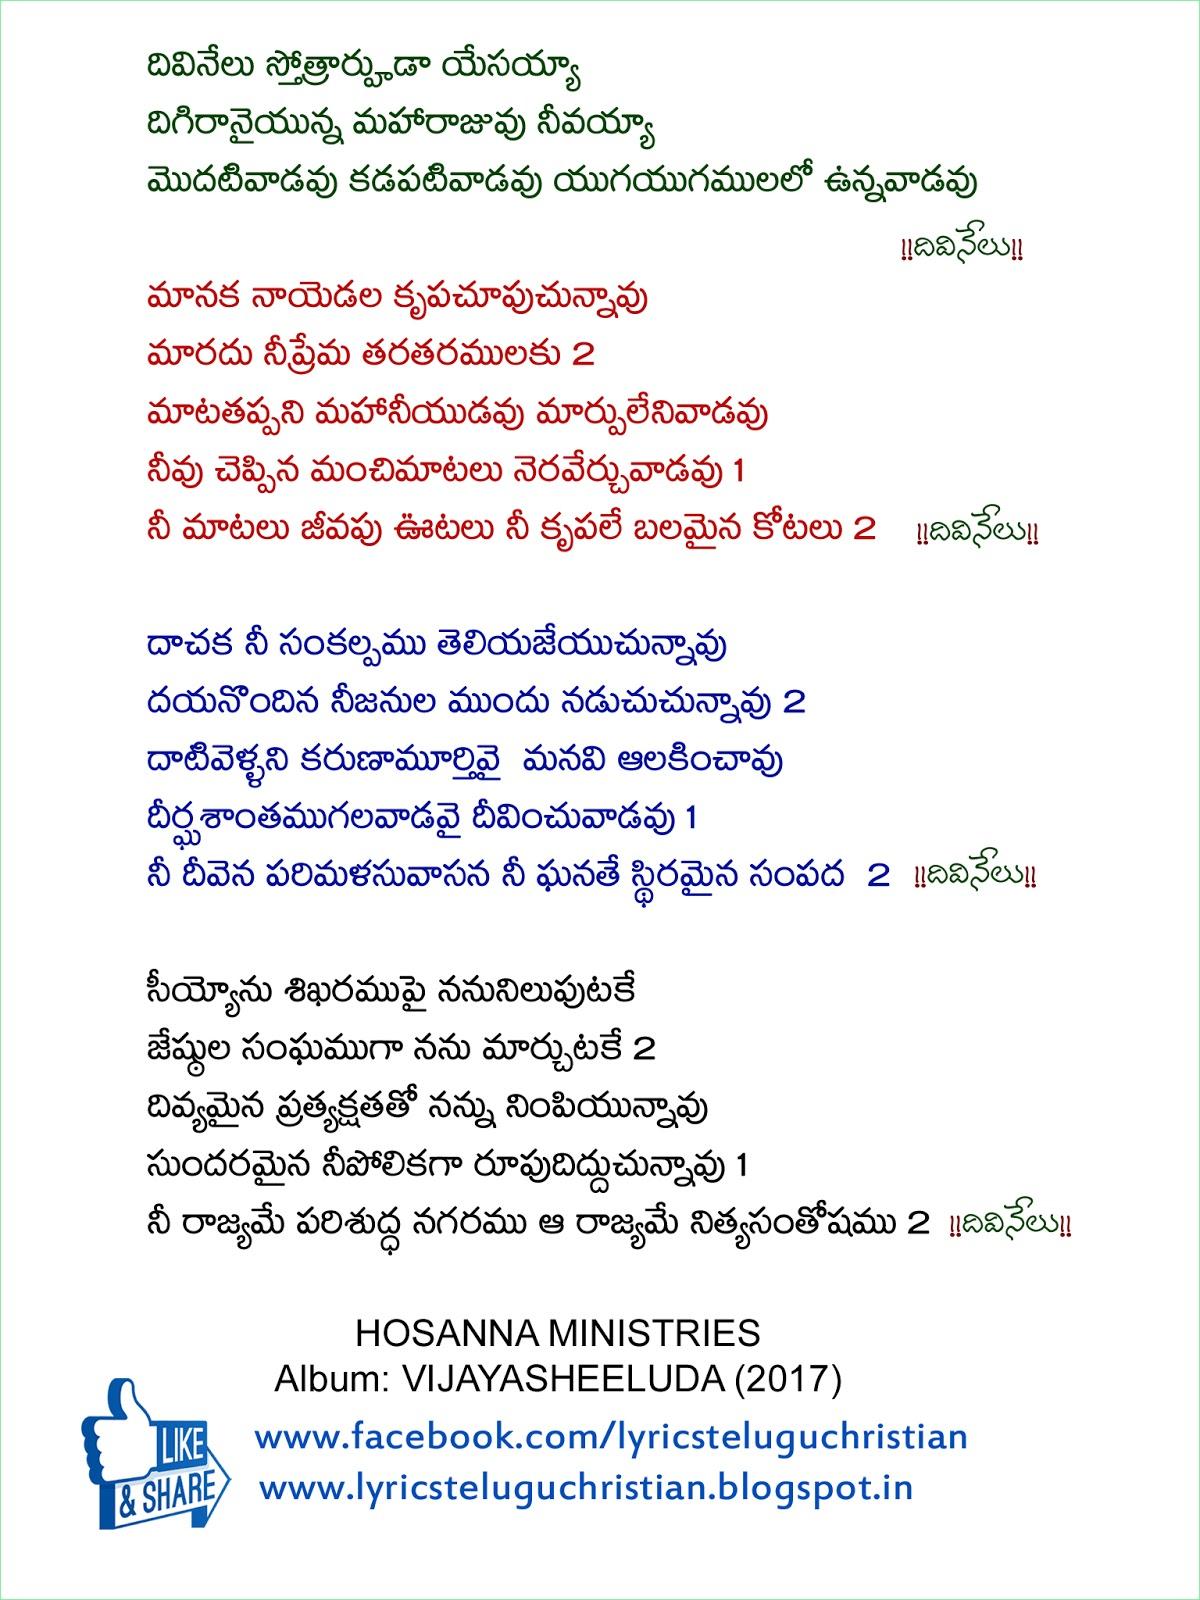 Lyrics of telugu movie songs